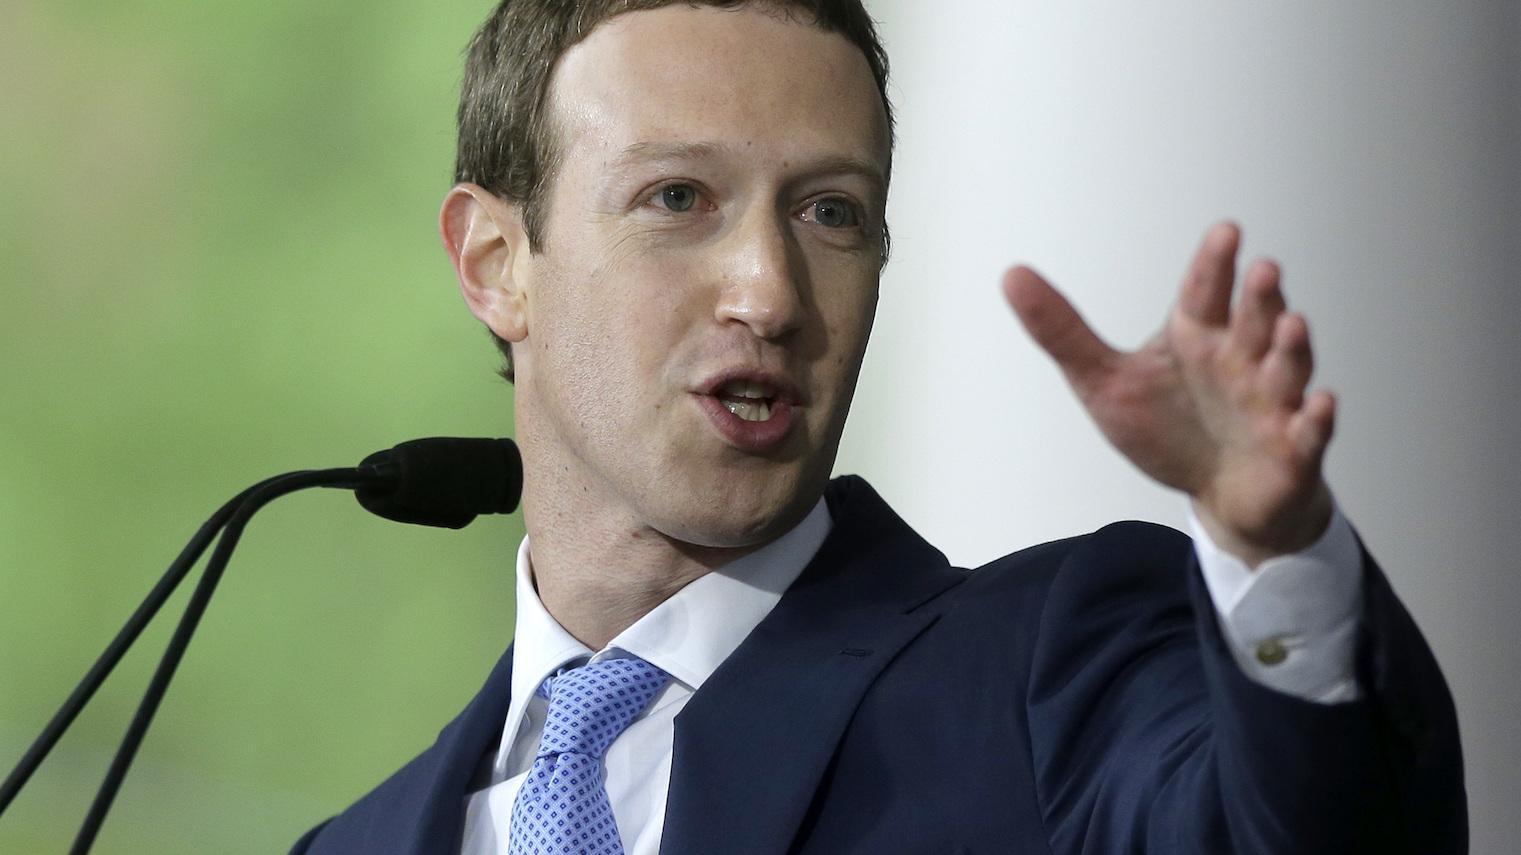 संसदमा सम्बोधन गर्न फेसबुकका संस्थापकलाई निमन्त्रणा